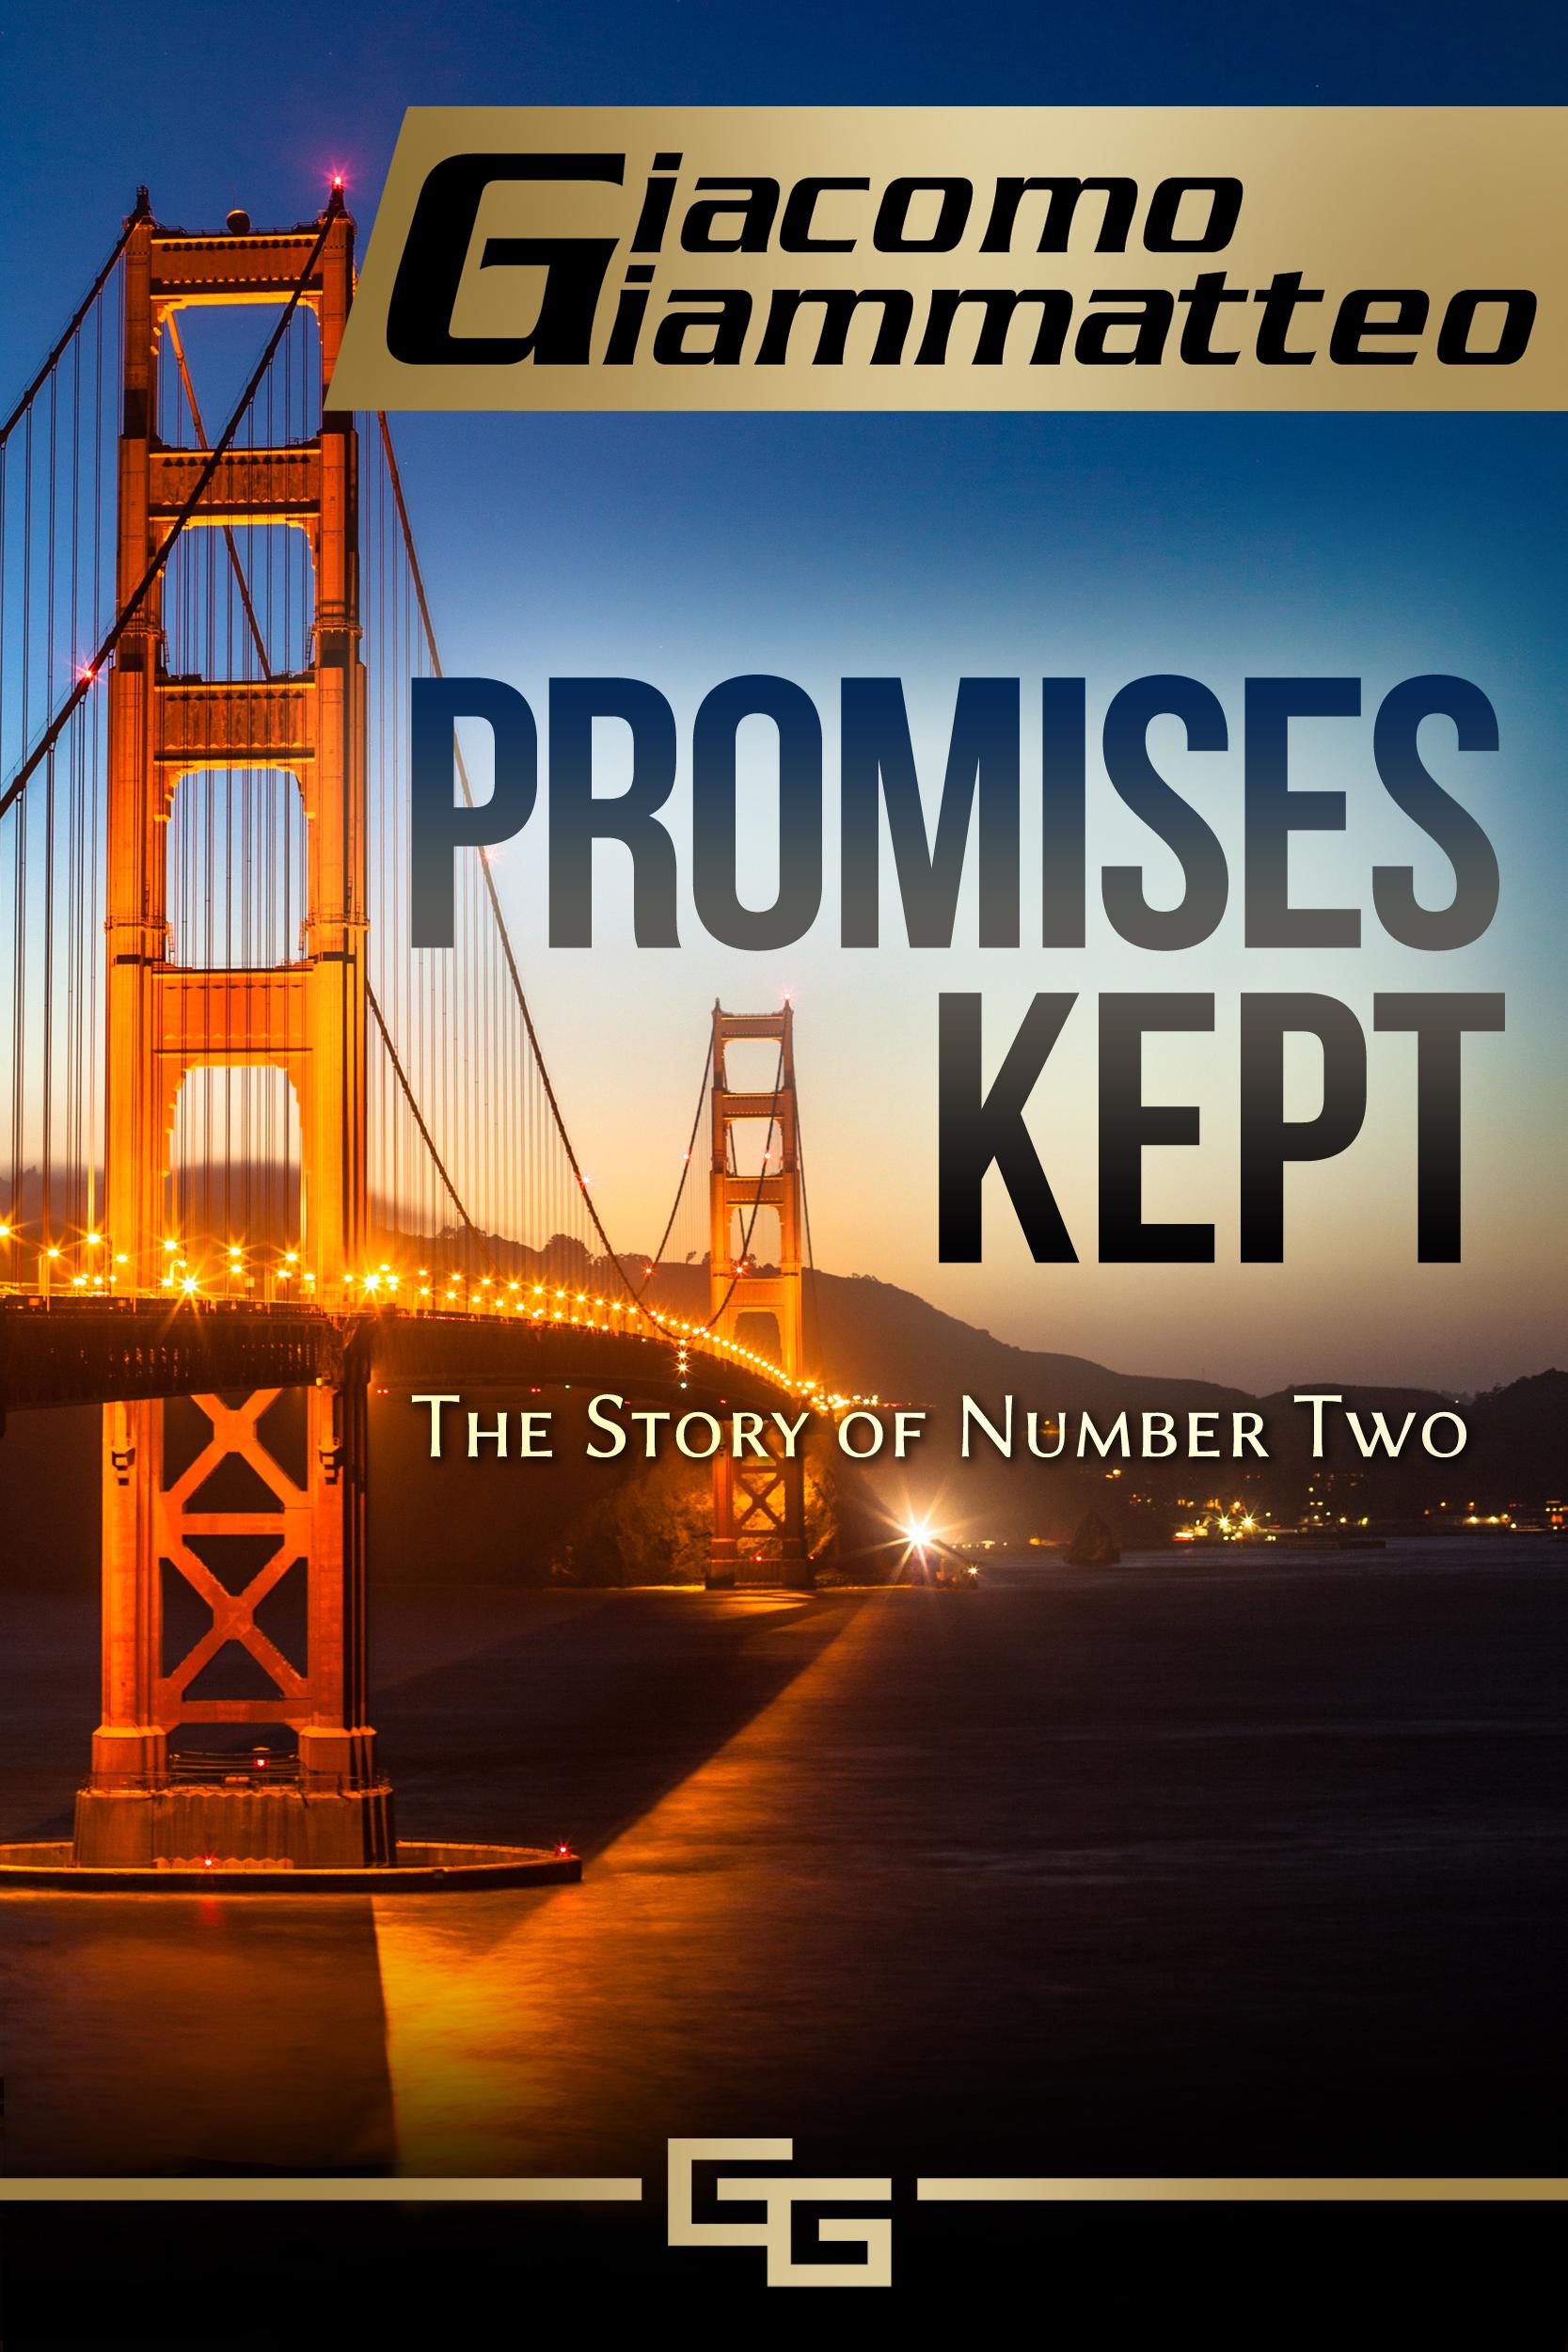 PromisesKept